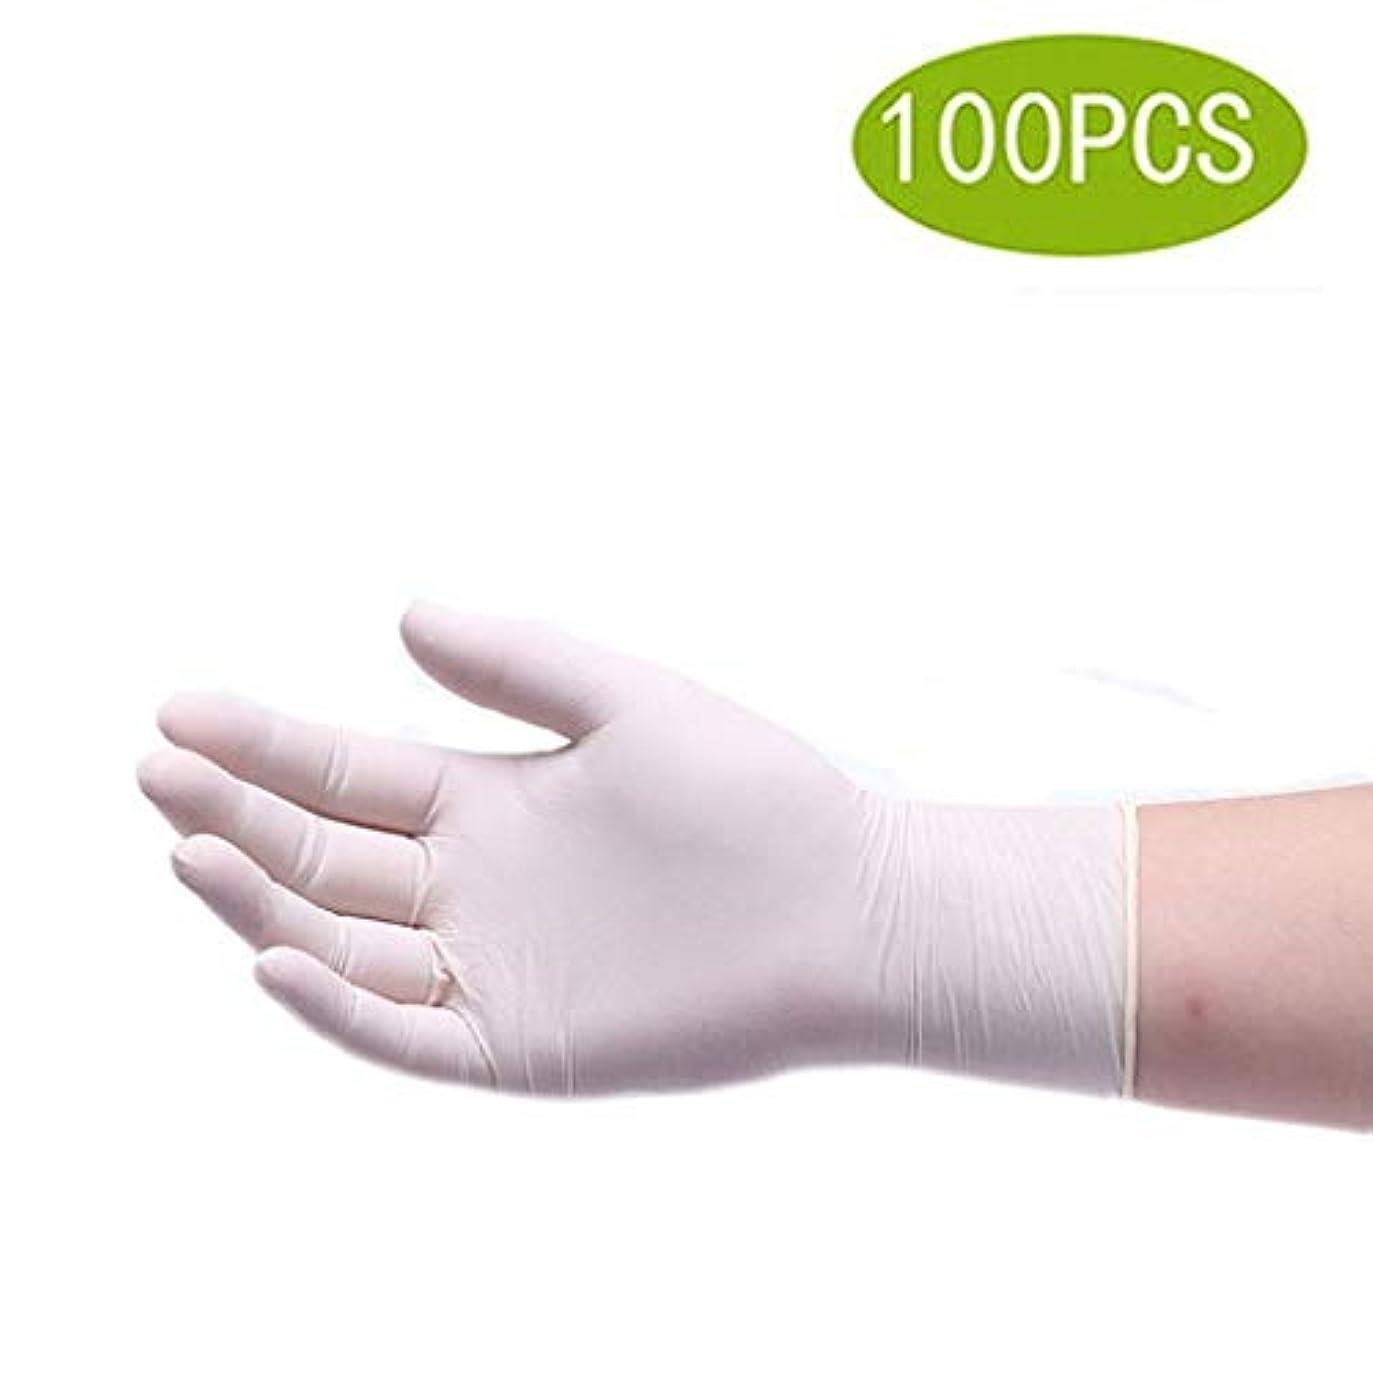 誤解させる嘆願略奪食品取扱のための使い捨て手袋、作業ニトリル手袋、ラテックスフリー手袋、使い捨て手袋、パウダーフリーの、滅菌済みでない使い捨て安全手袋、ミディアム(100個入り) (Color : White, Size : S)